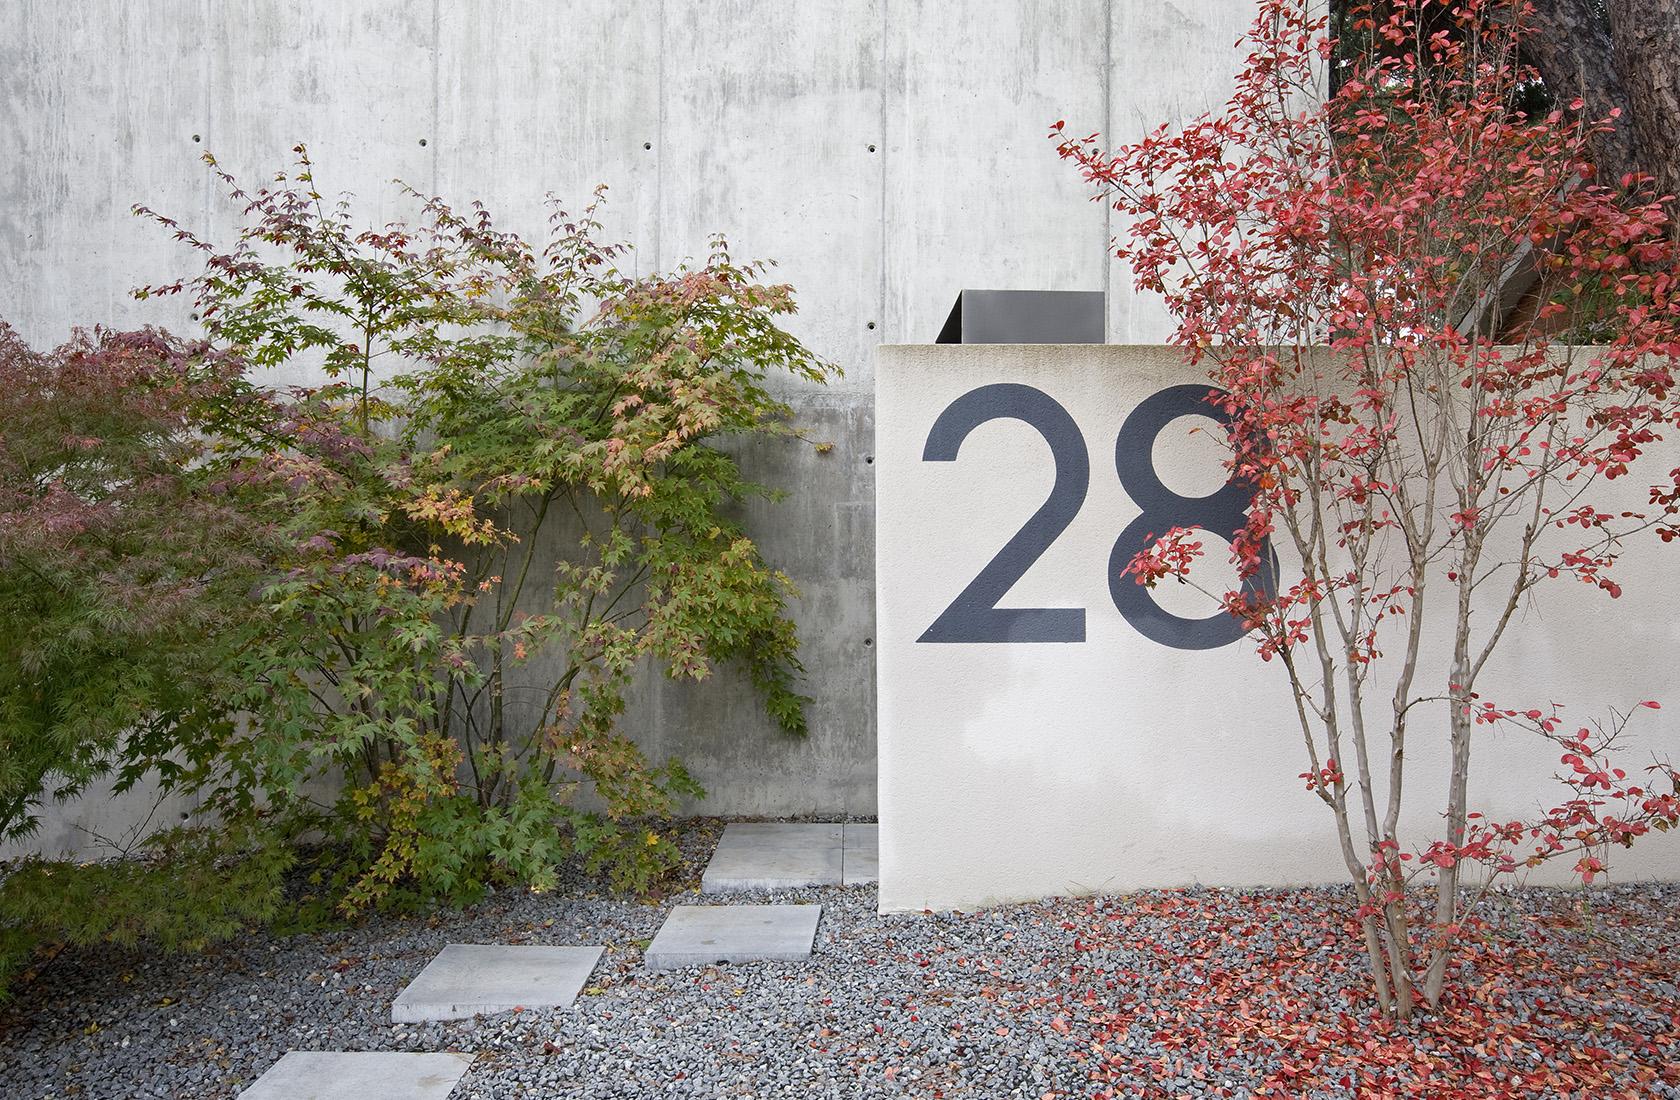 Detalle del paisajismo creado por BATON Arquitectura en el acceso en su sede